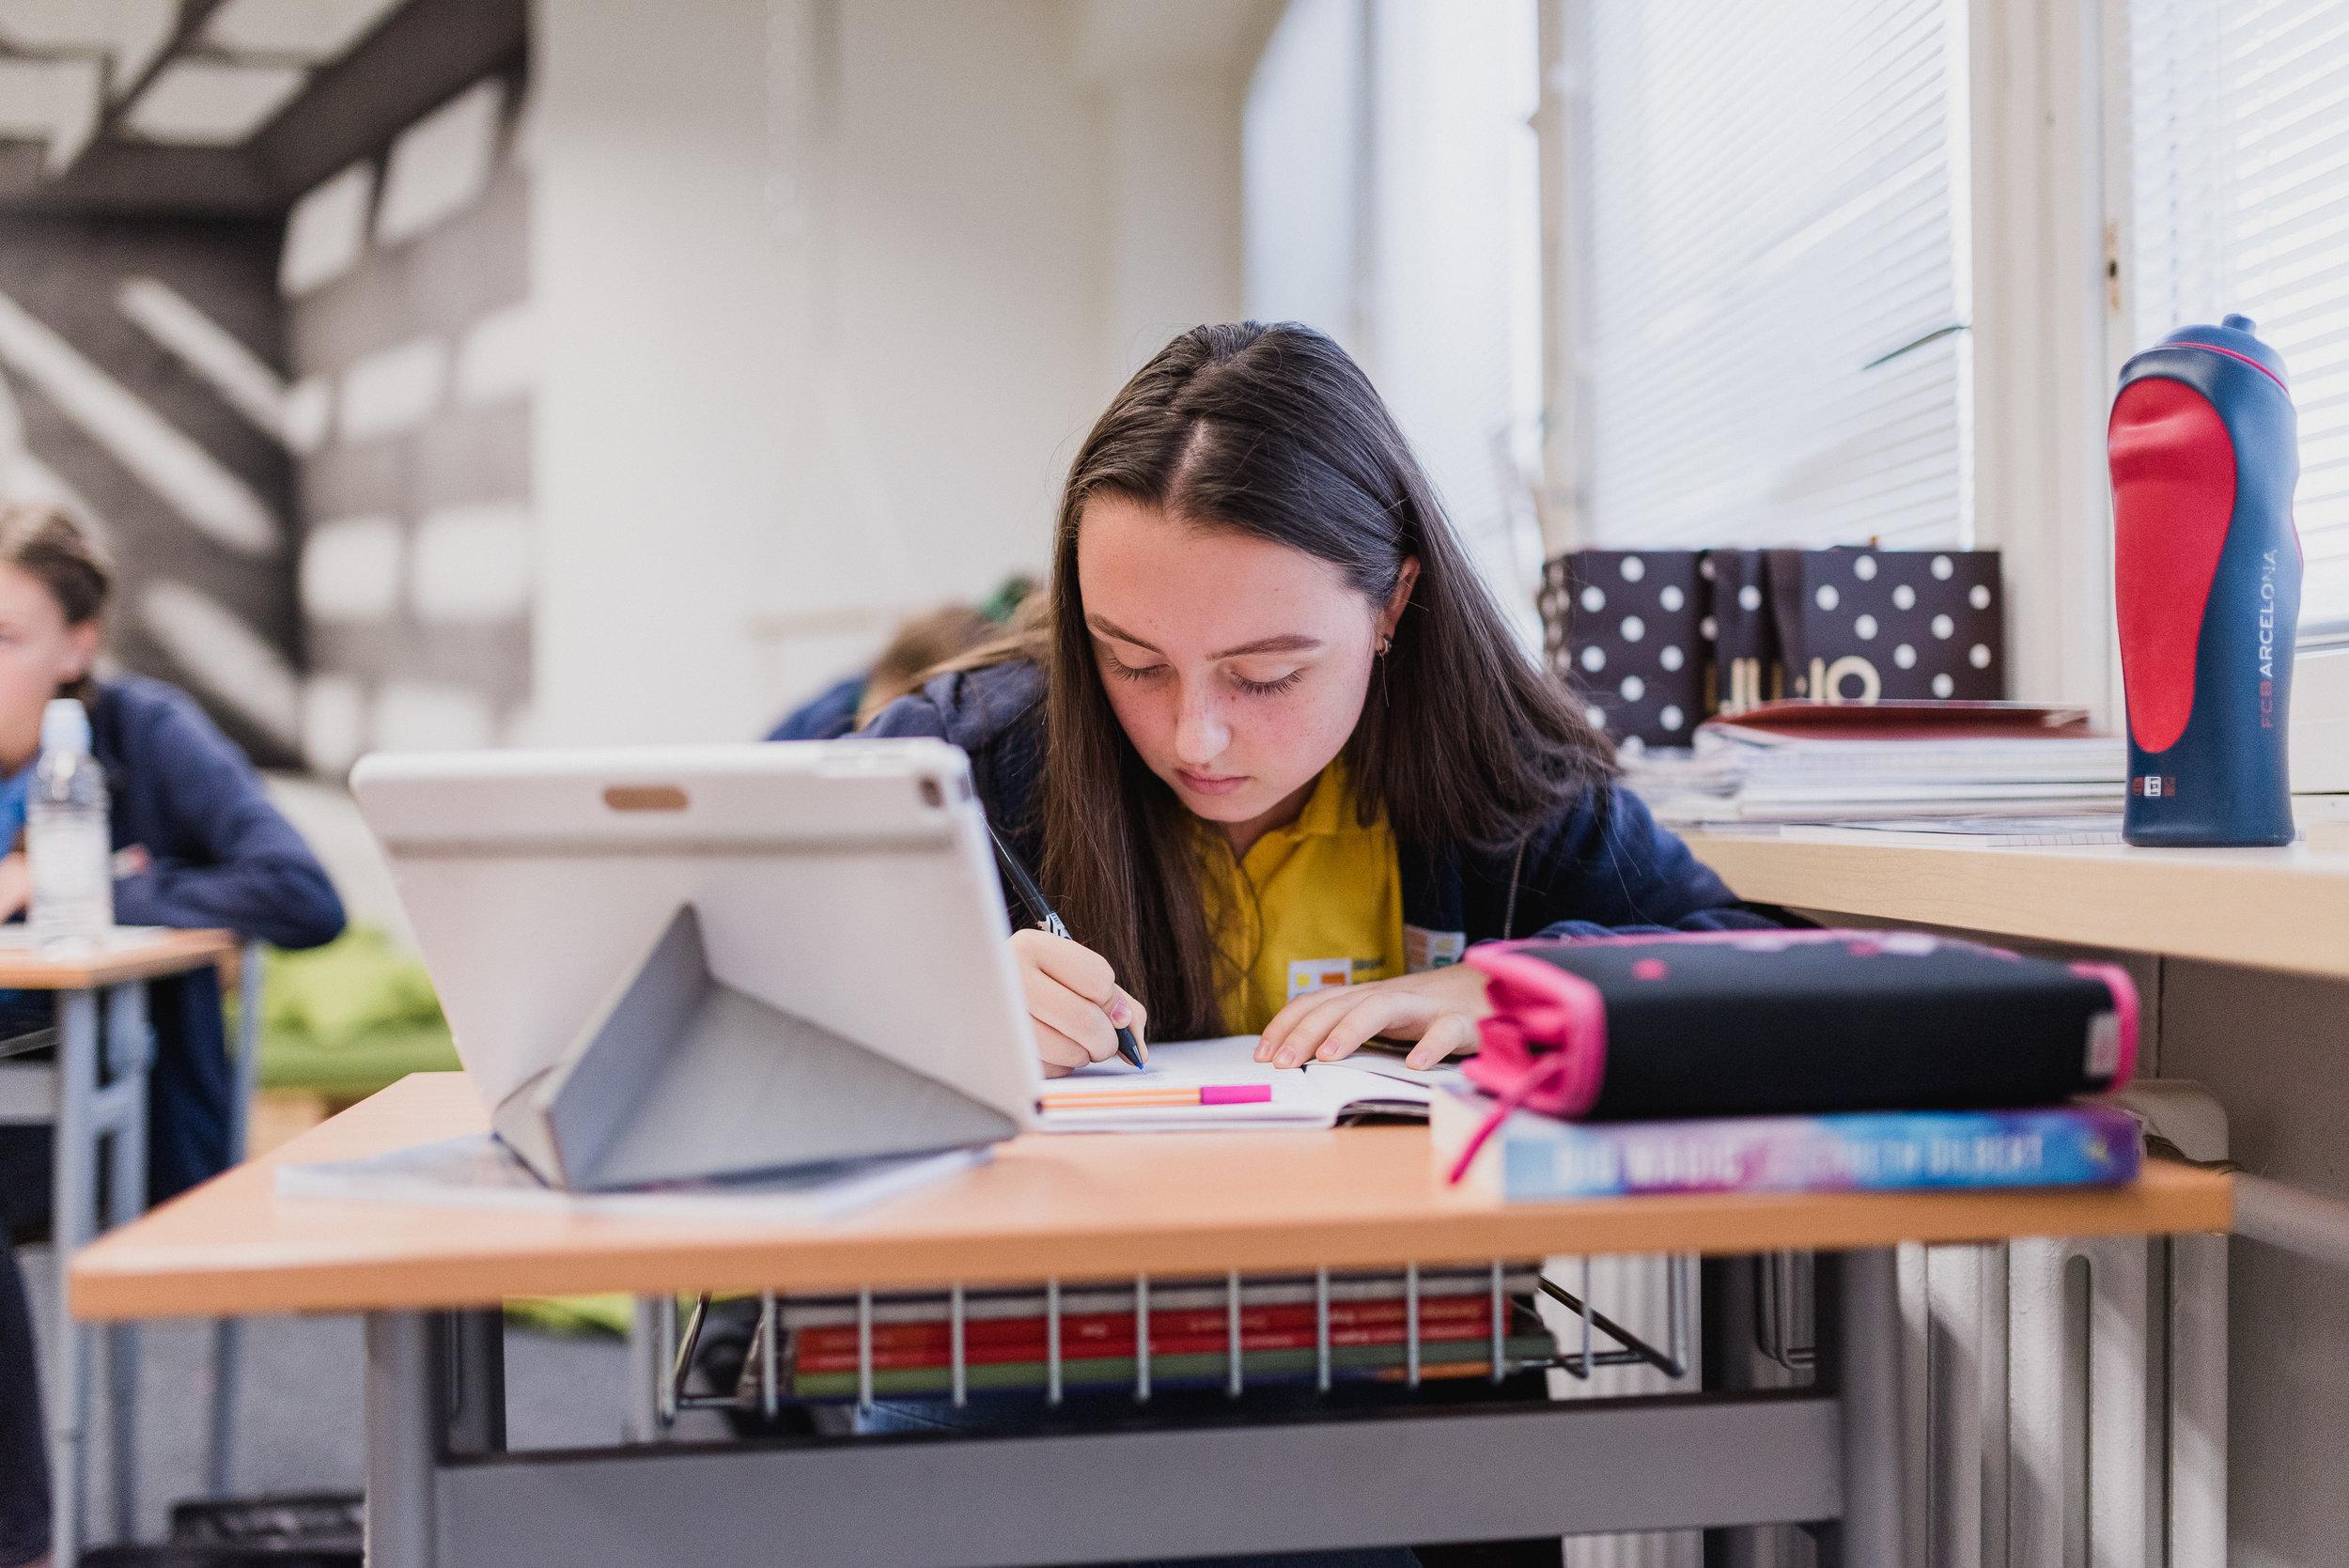 Matematická a vedecká gramotnosť - Počas celej doby štúdia je posilnená výučba matematiky, pri ktorej uplatňujeme slovenské aj cambridgeské štandardy. Sme pilotnou školou vo výučbe matematiky metódou profesora Hejného. Deti tak využívajú prirodzenú zvedavosť, tvorivé myslenie a učia sa objavovaním.